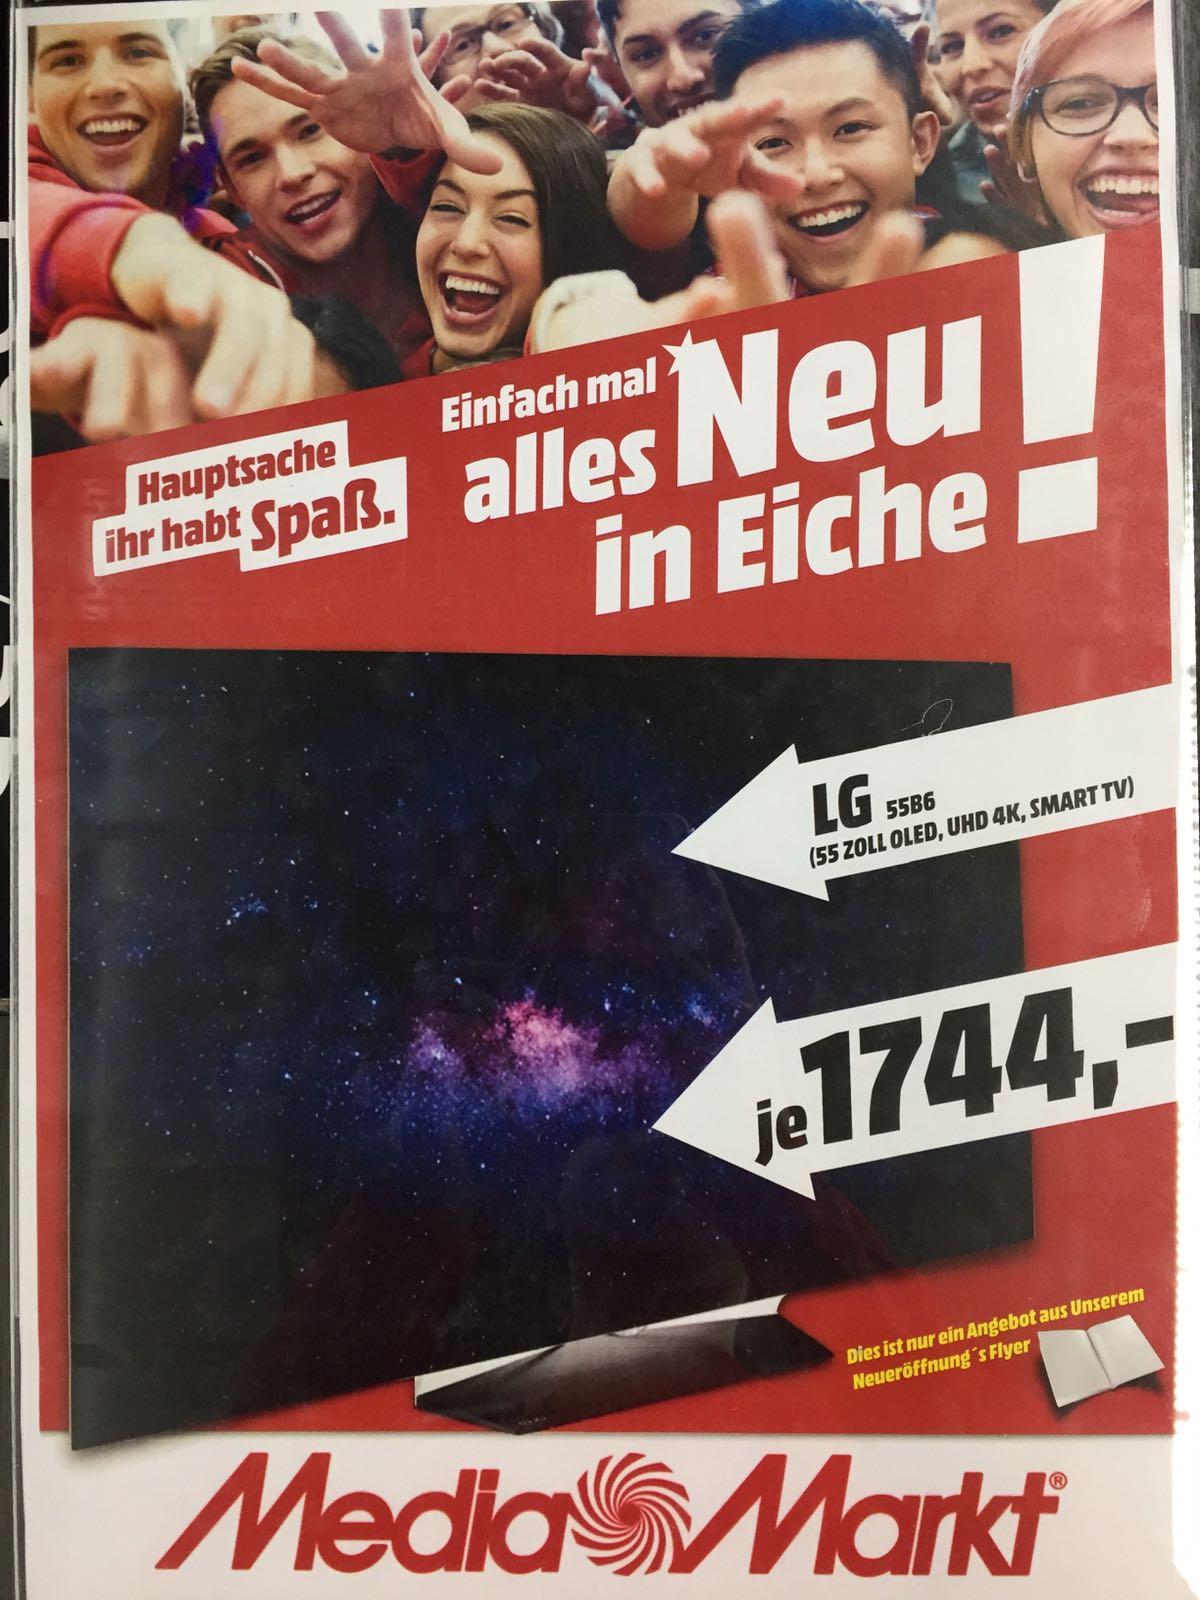 LG OLED 55 B 6 für 1744,- im Media Markt Eiche - Neueröffnung - bis 02.04.